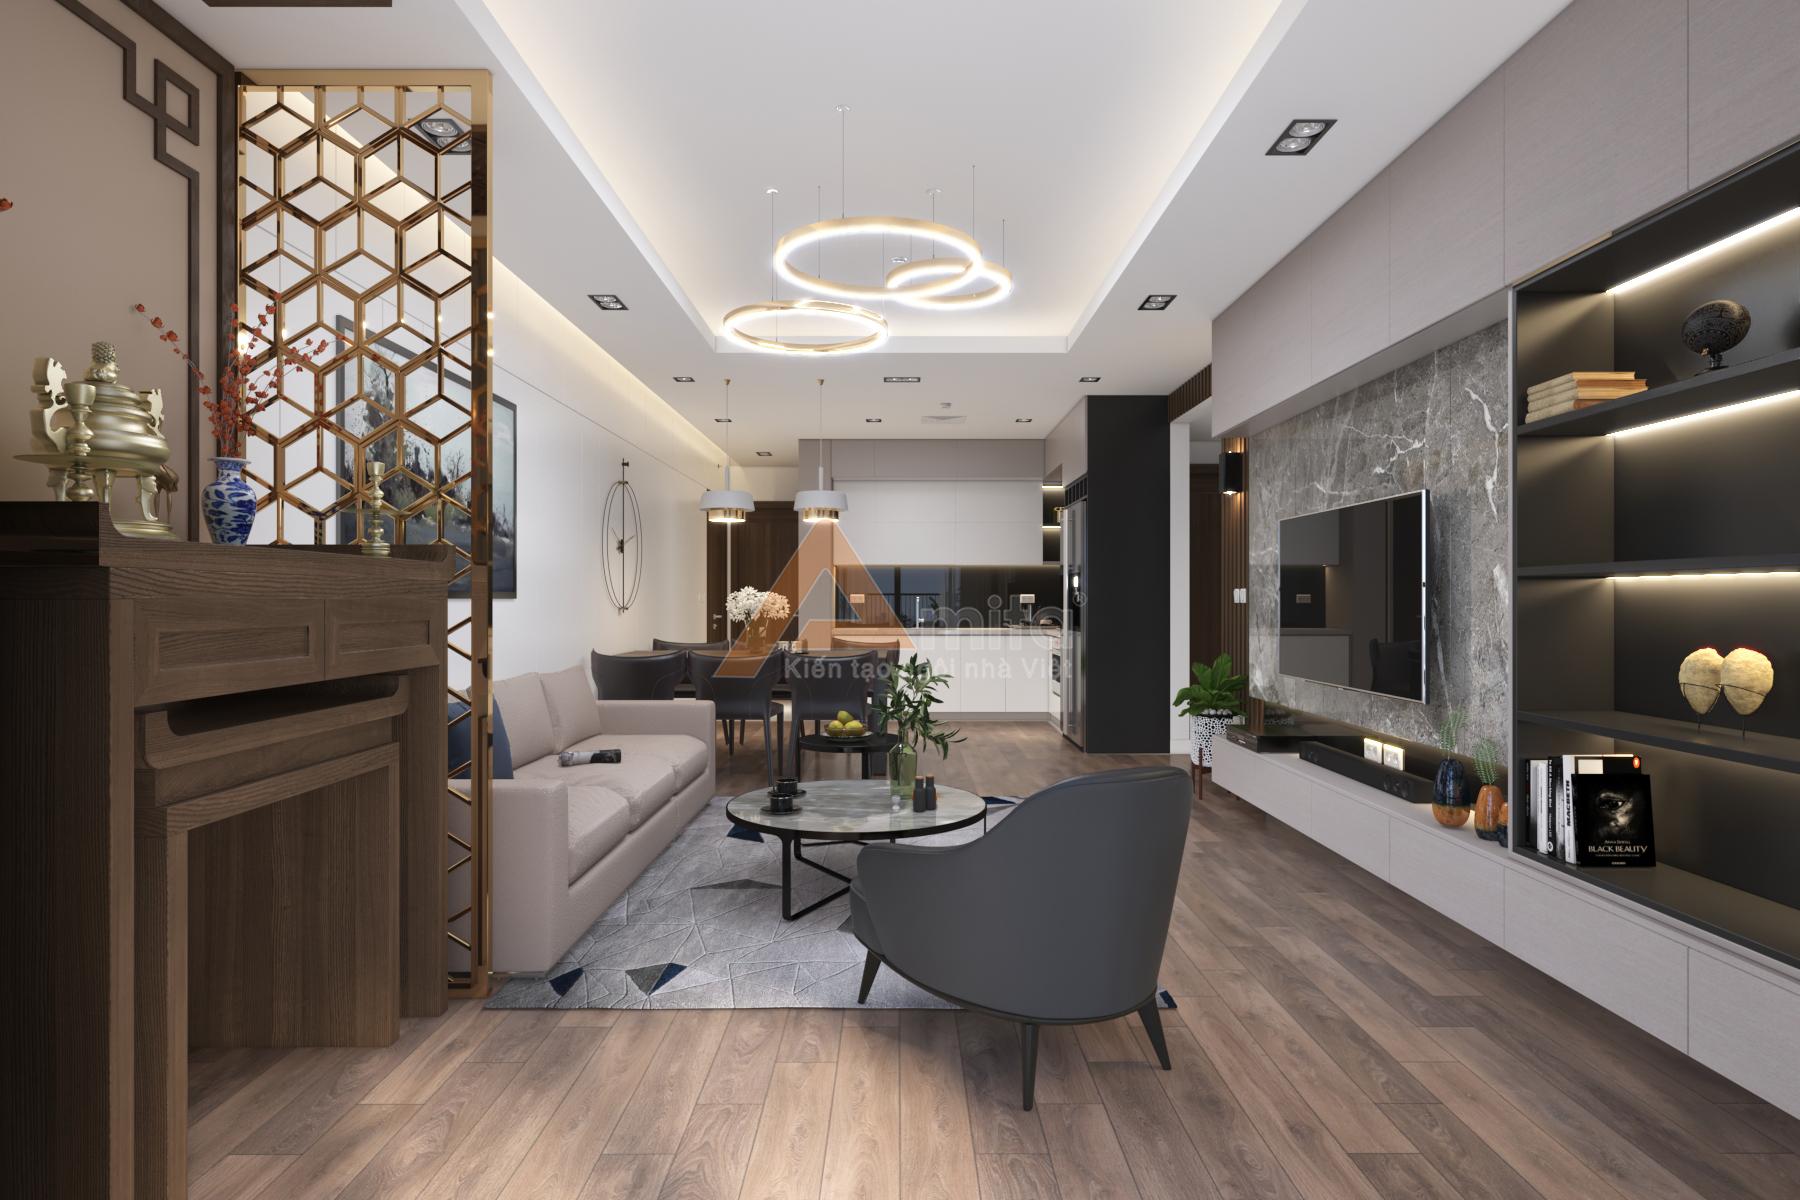 thiết kế nội thất chung cư tại Hà Nội Chung cư New Skyline - Văn Quán 3 1572341528